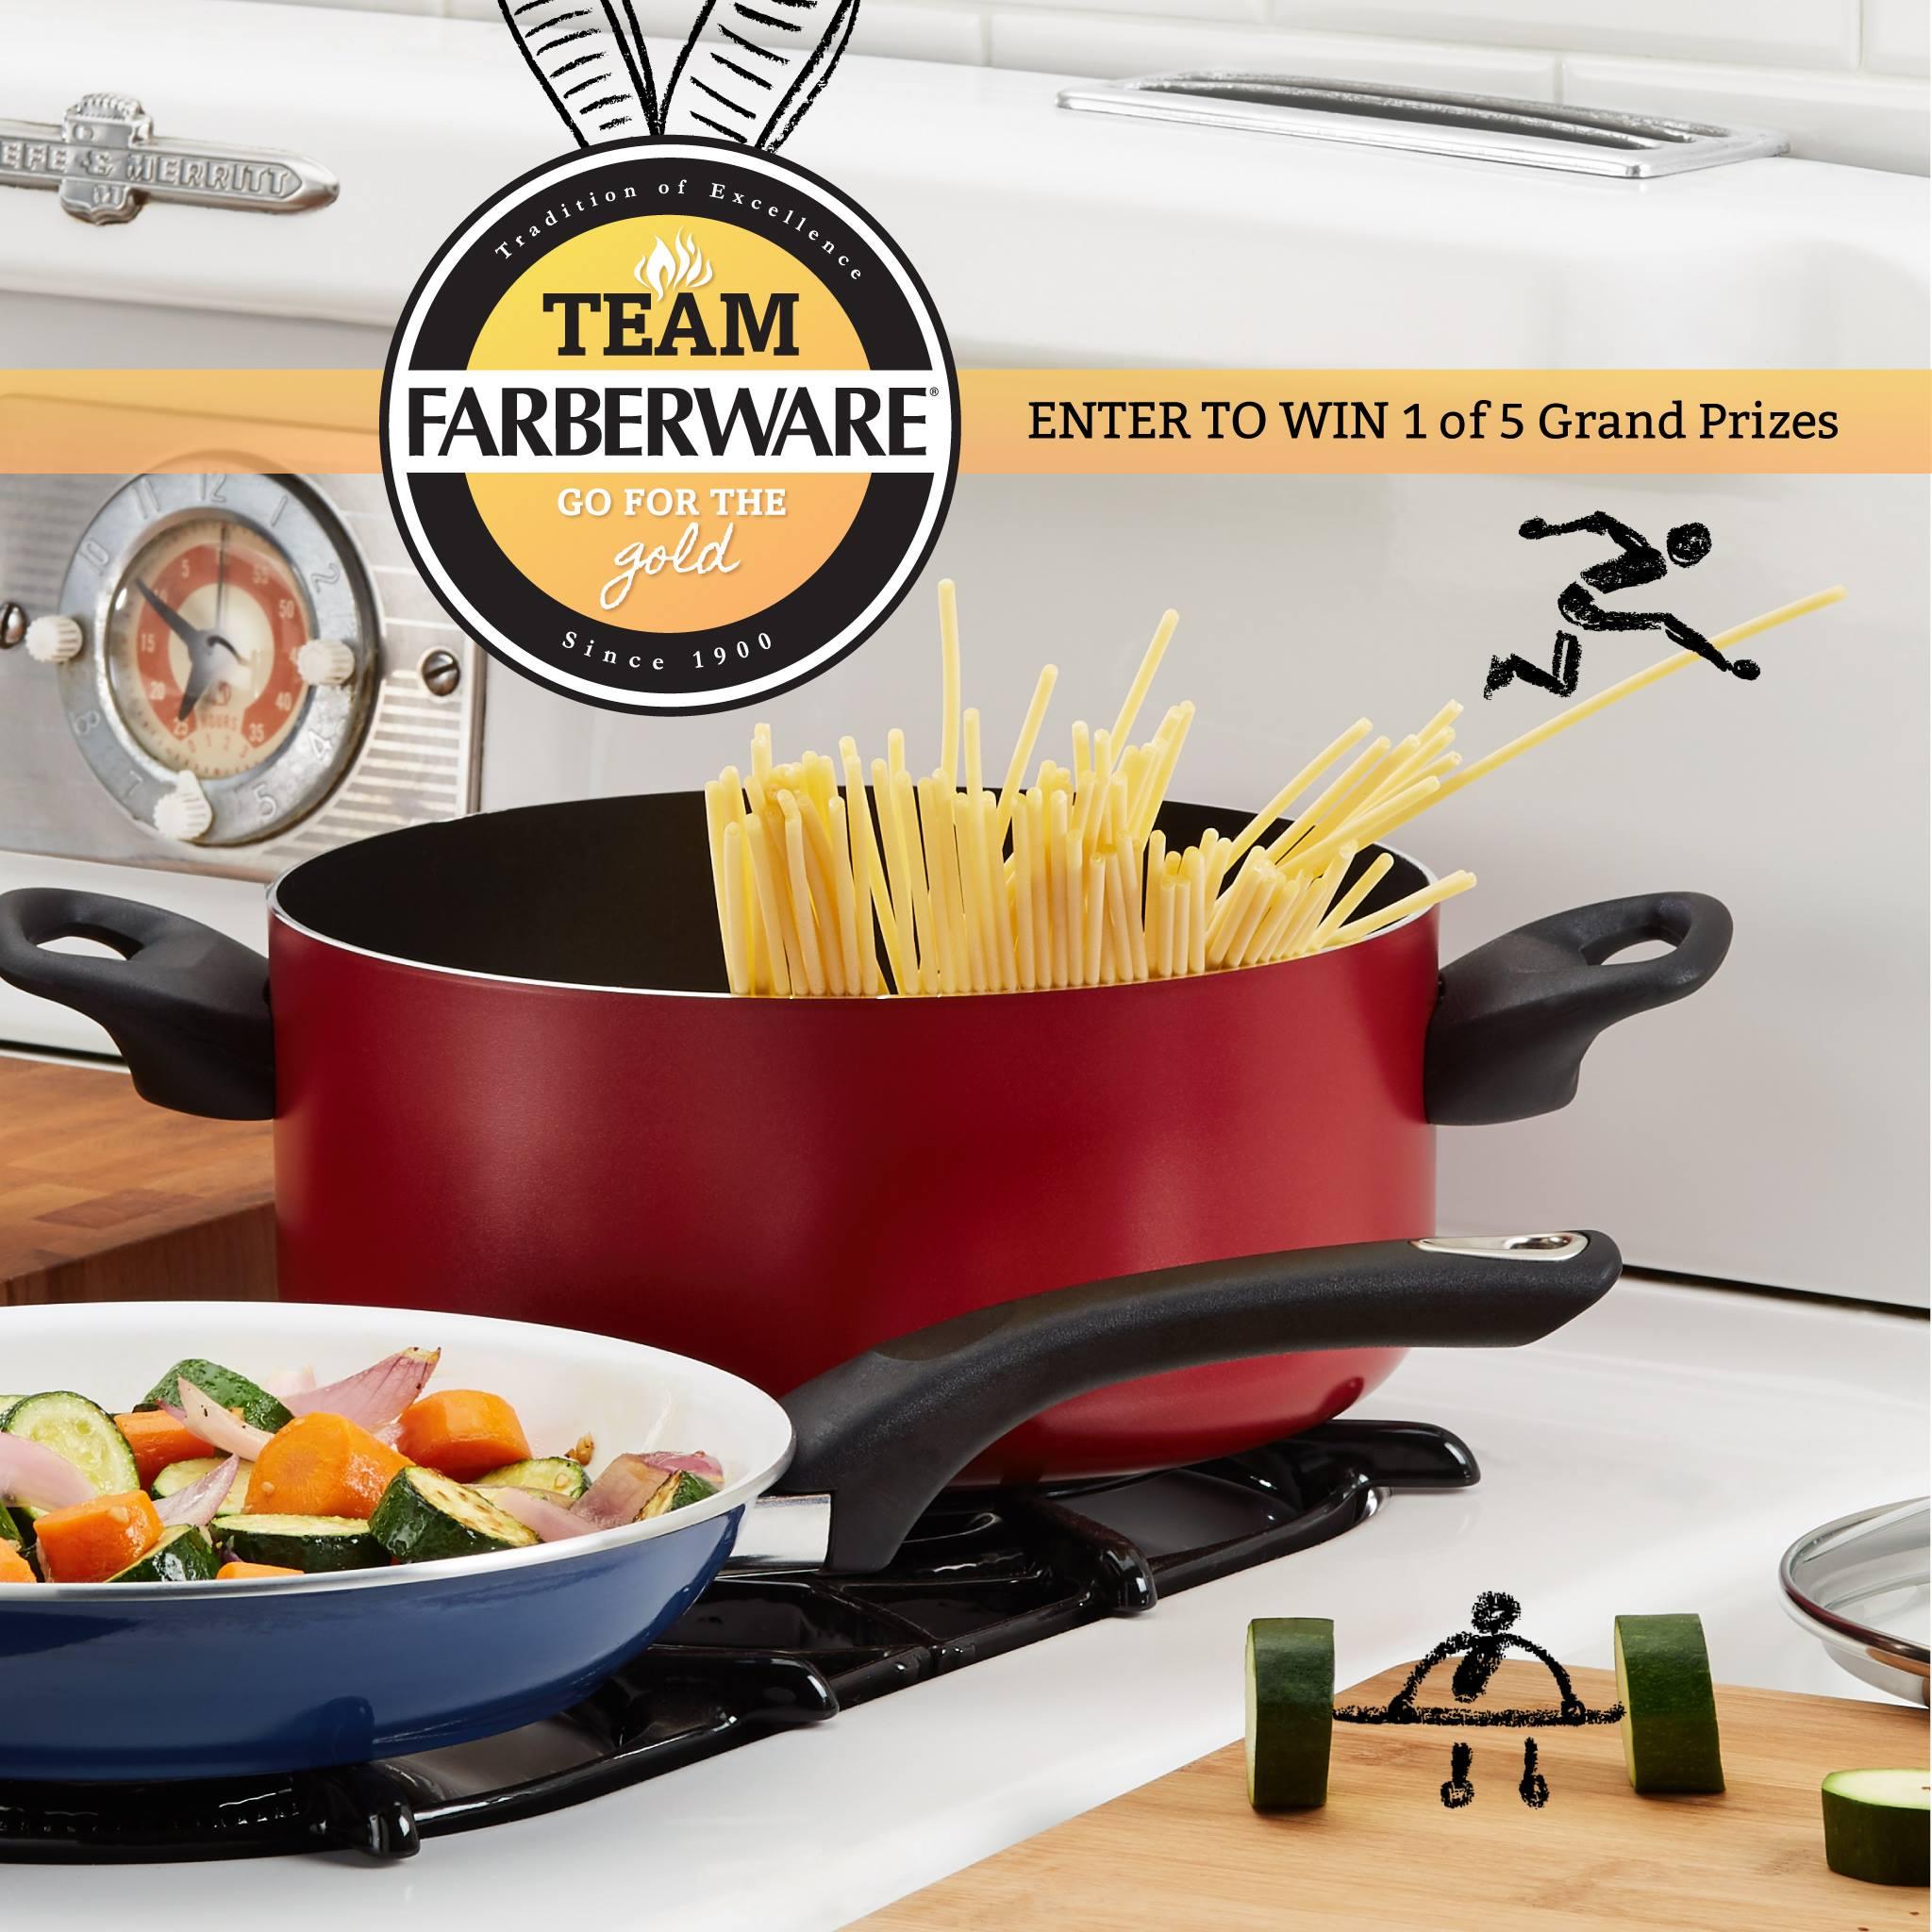 Win a Farberware Cookware Set - Julie's Freebies